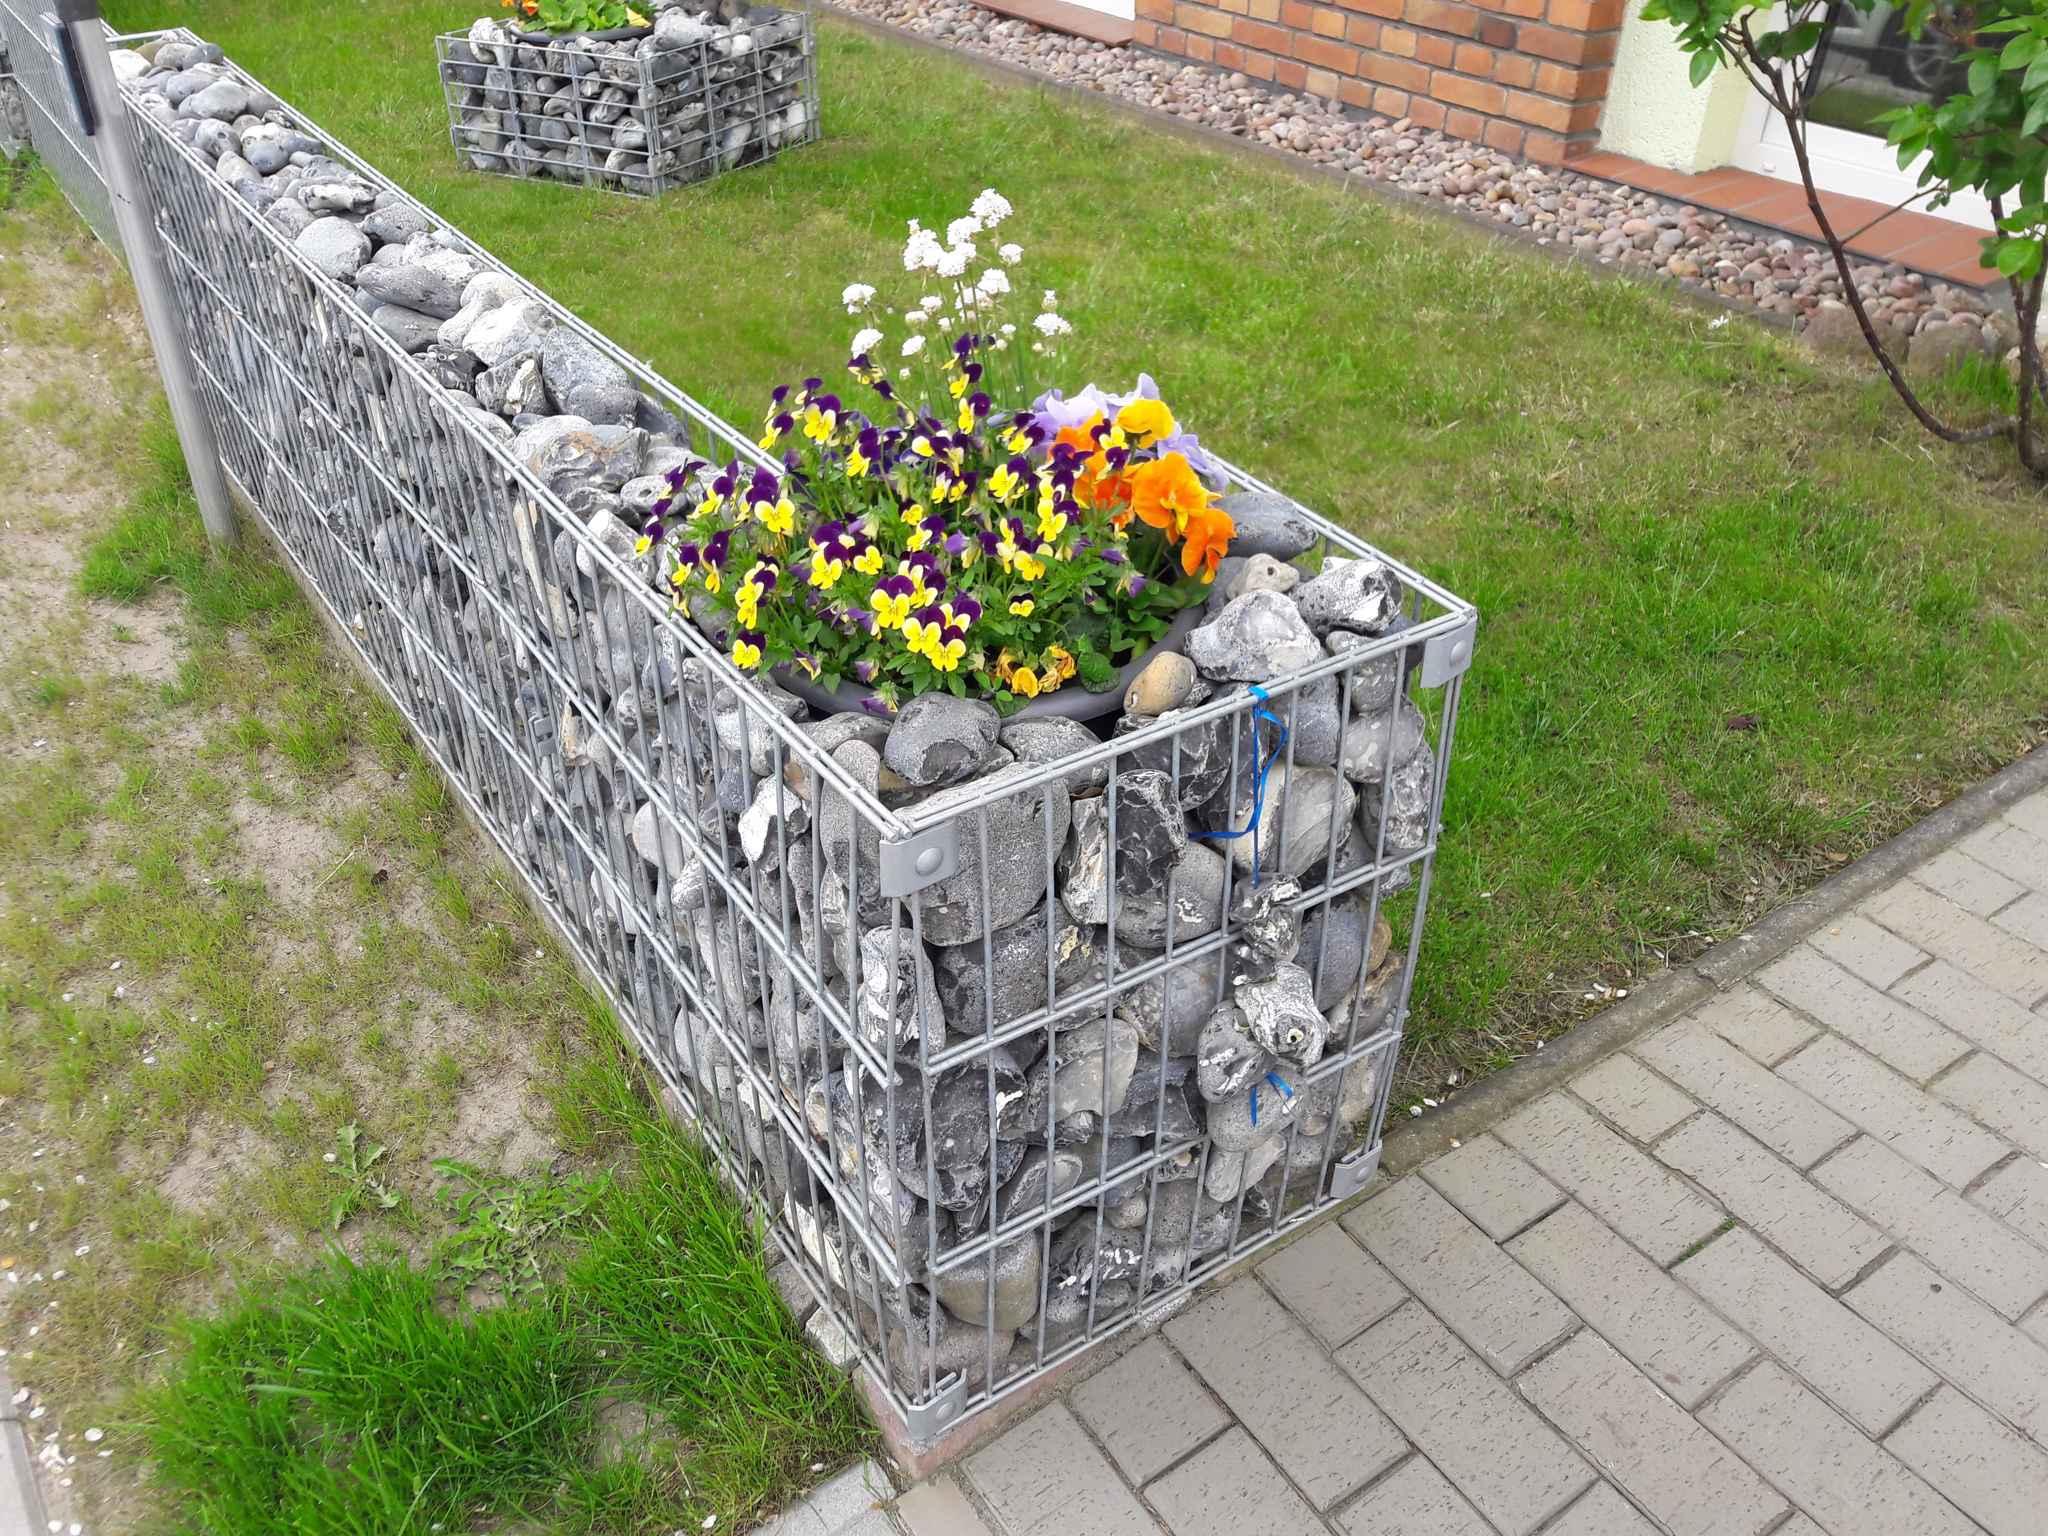 Ferienwohnung mit Terrasse im Garten (342658), Stralsund (Stadt), Stralsund, Mecklenburg-Vorpommern, Deutschland, Bild 2